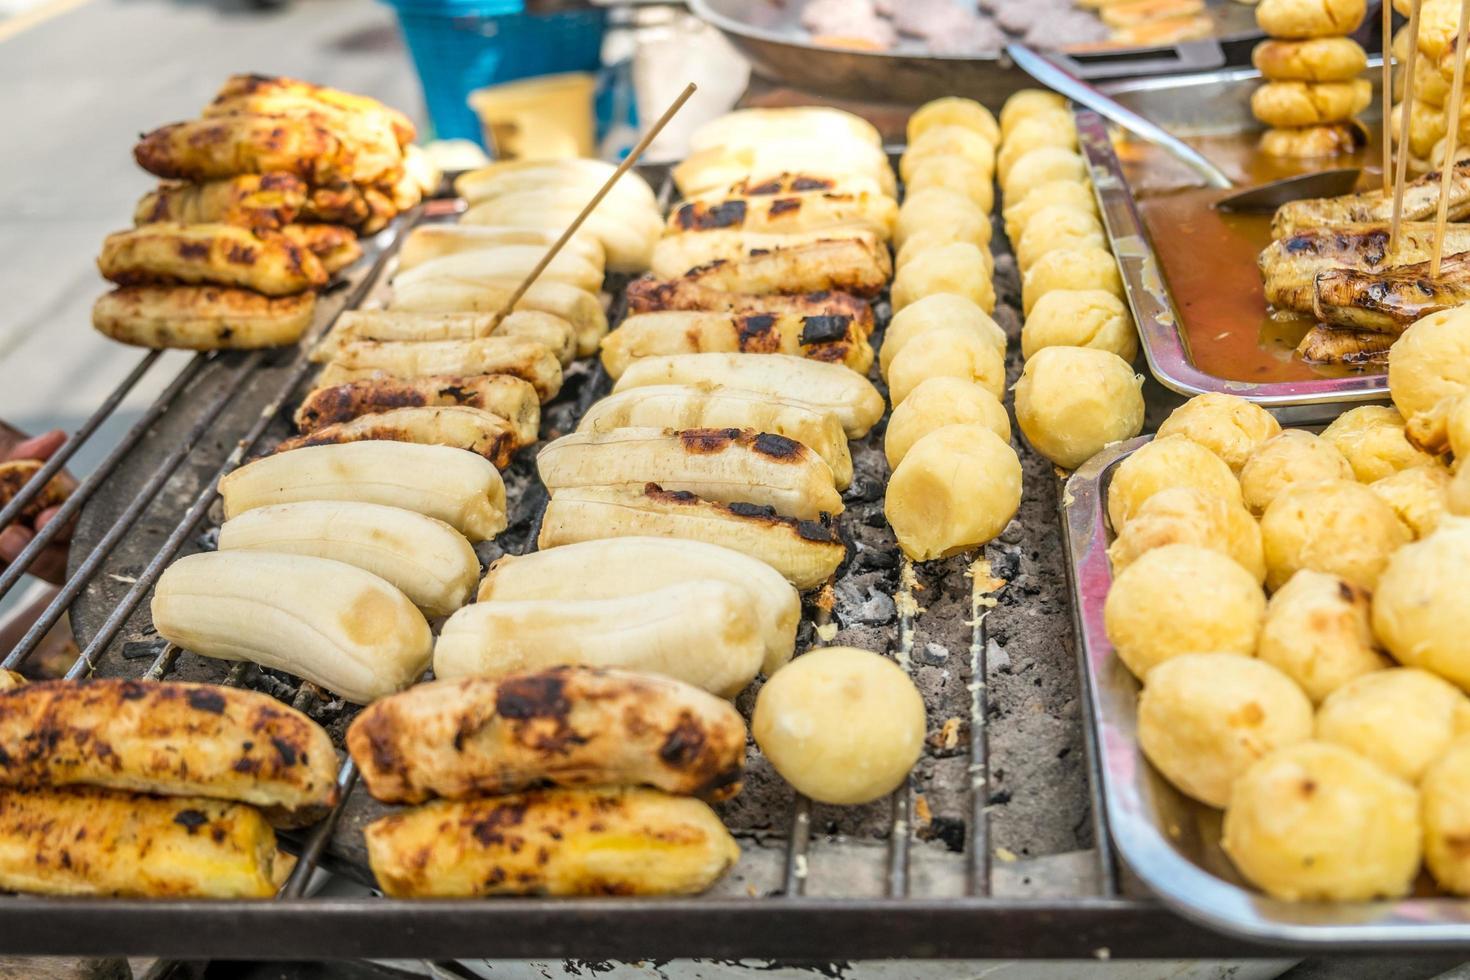 gegrilde banaan en zoete aardappel te koop op een lokale markt foto